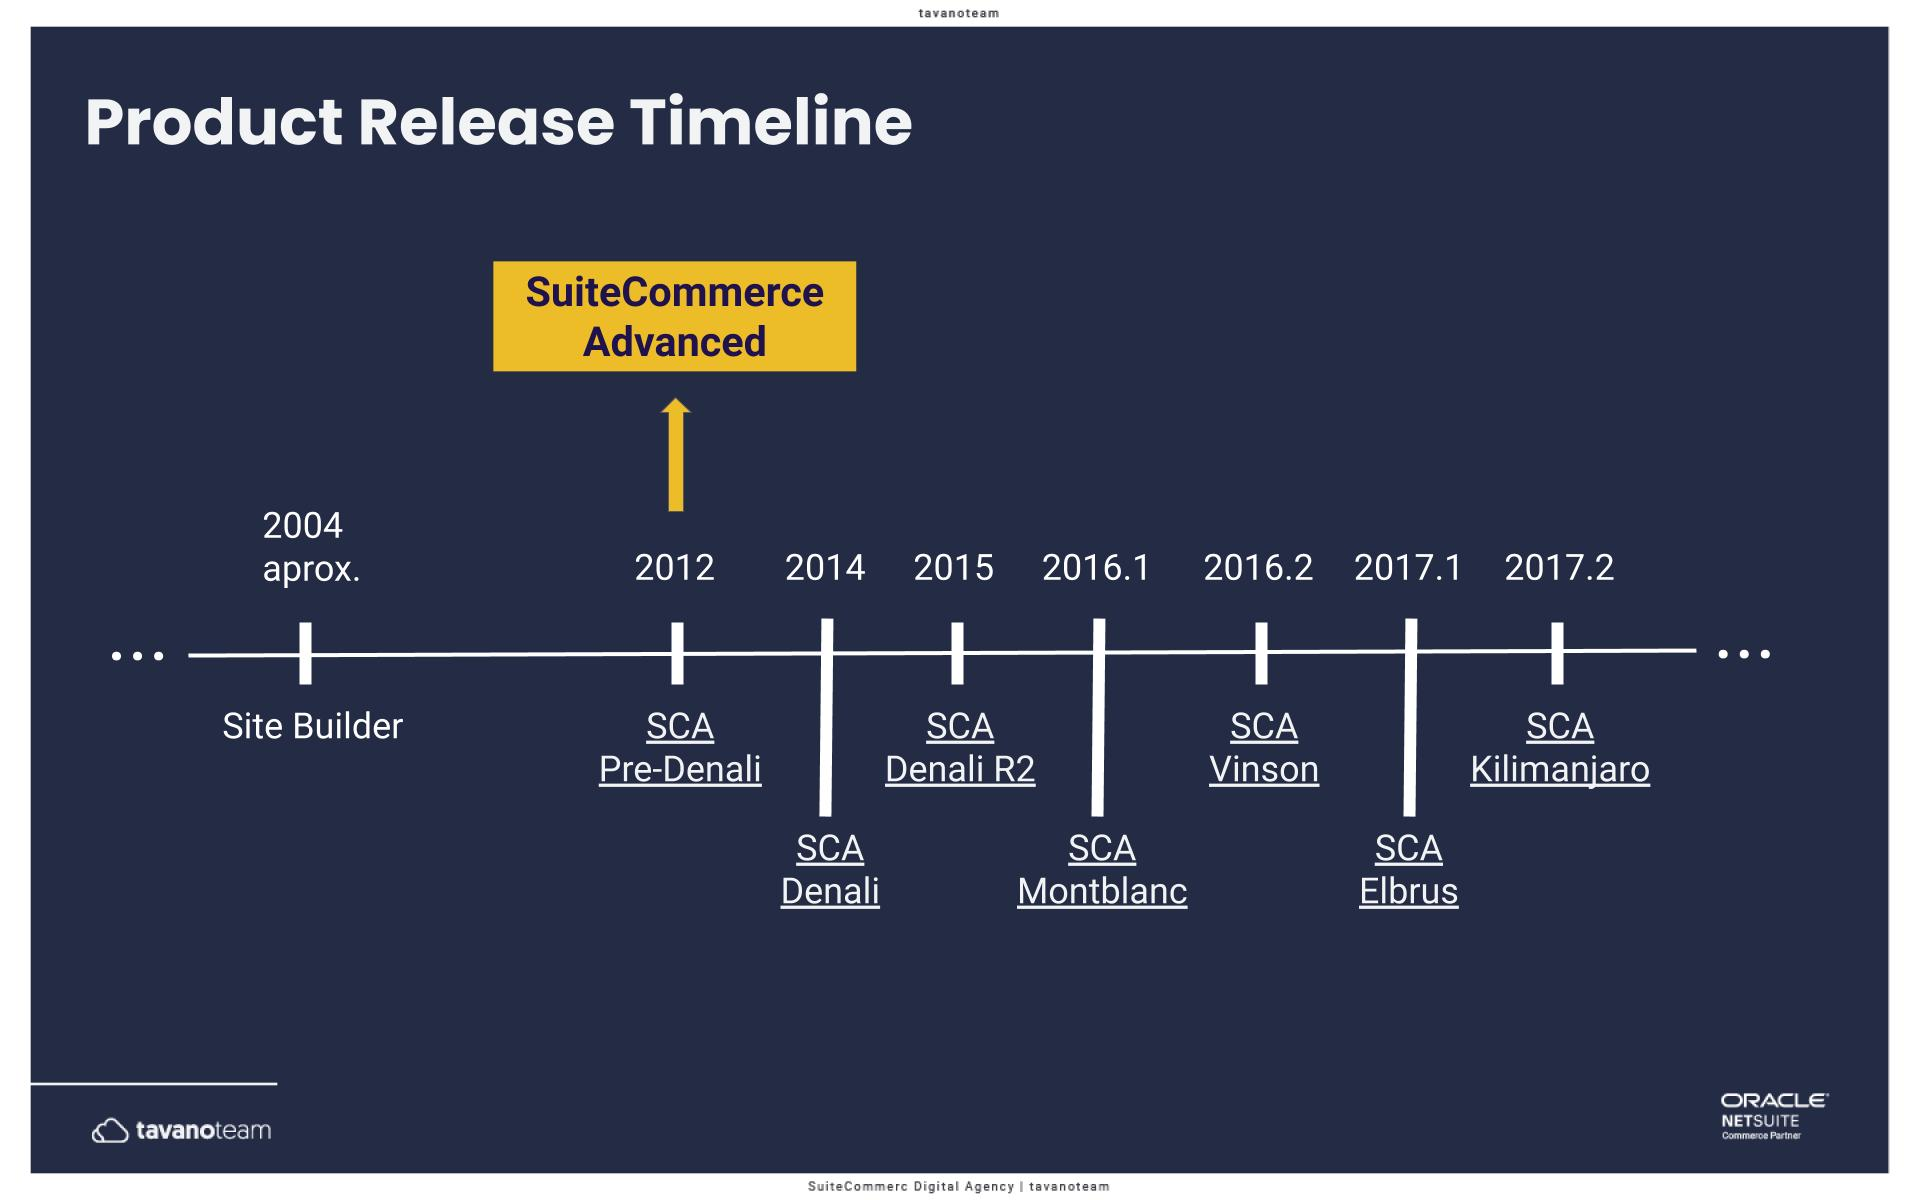 suitecommerce-vs-suitecommerce-advanced-netsuite-timeline